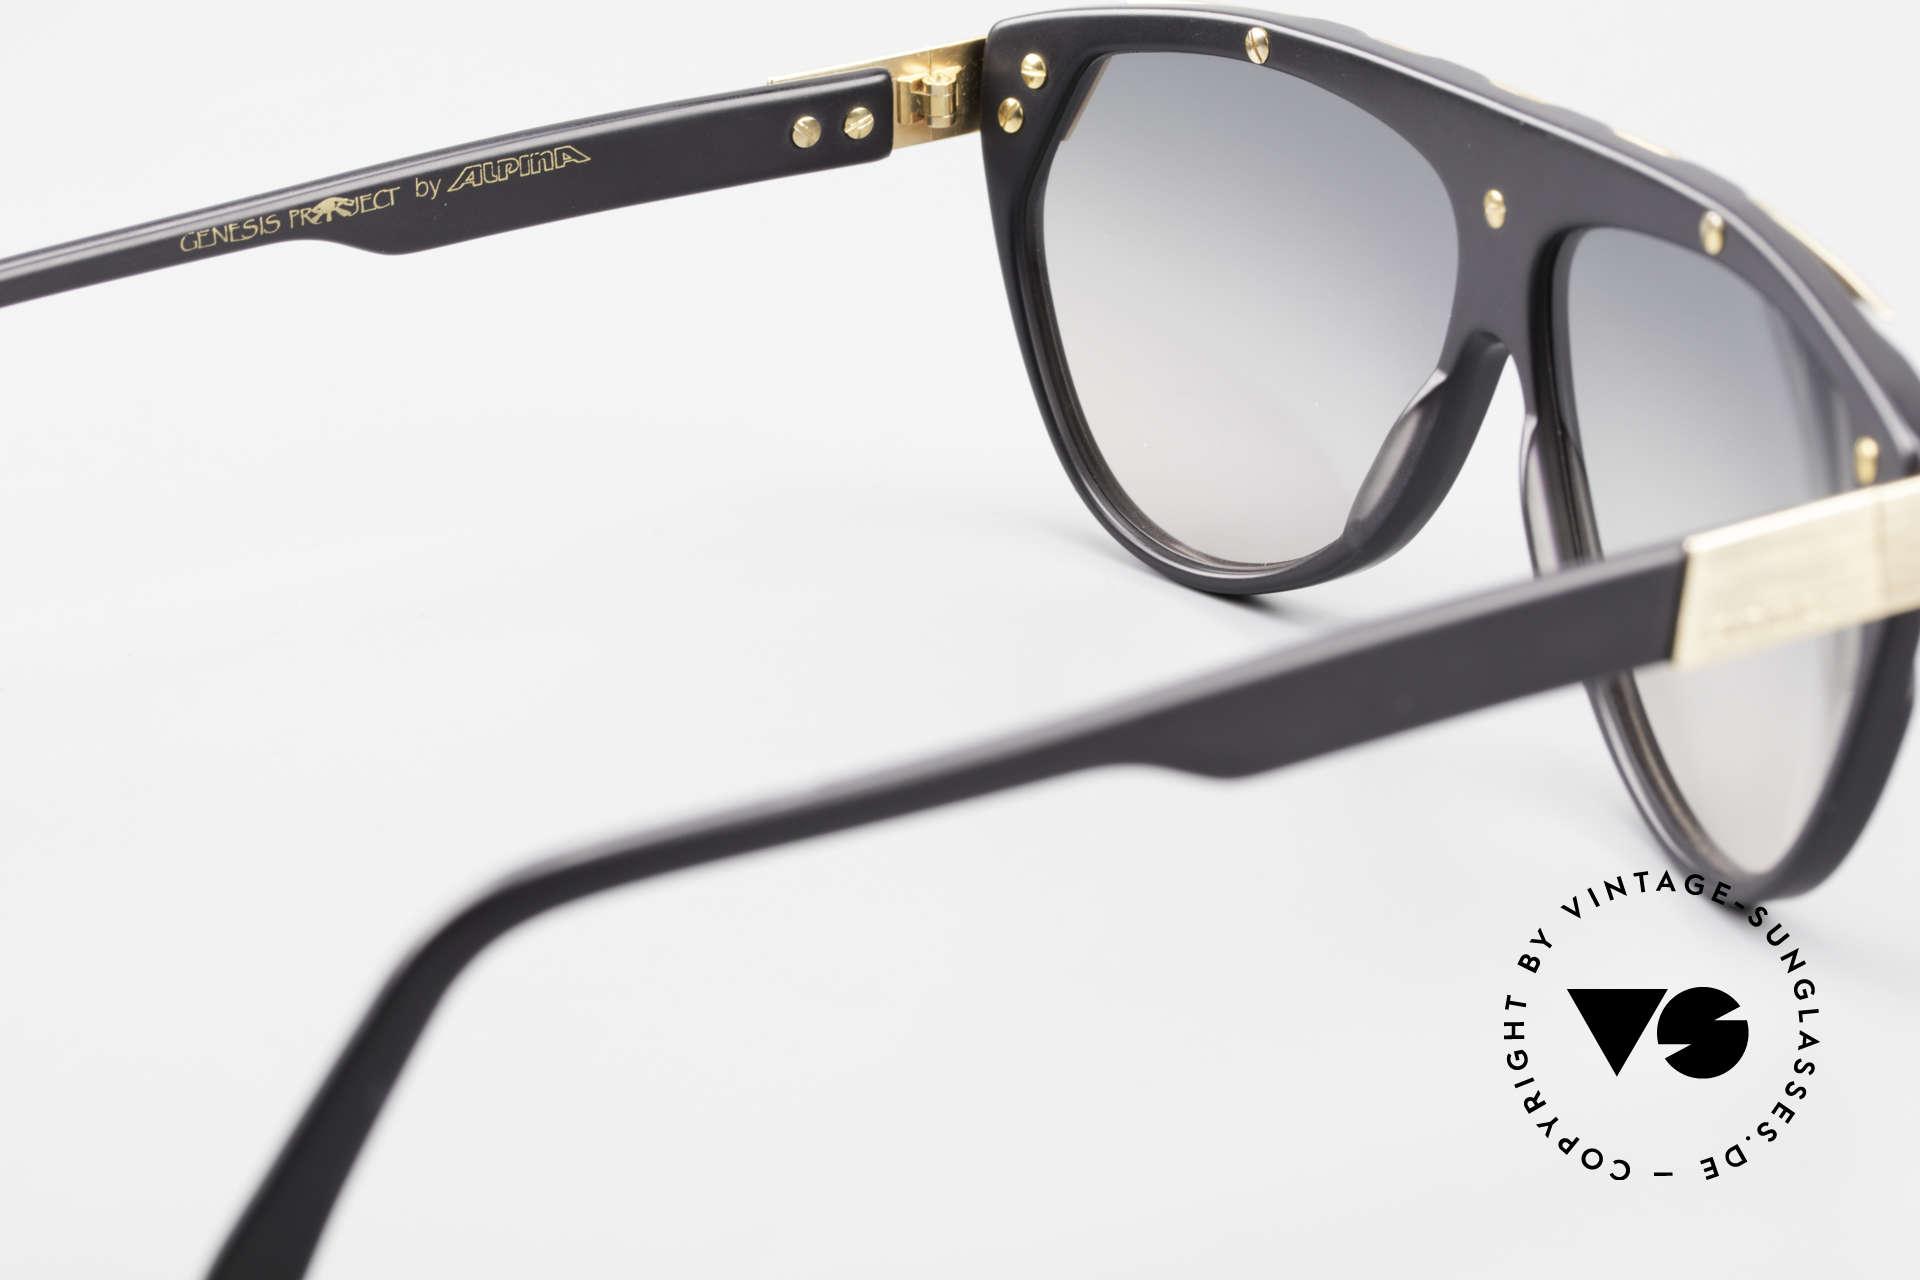 Alpina G80 Vergoldete 80er Sonnenbrille, KEINE RETROMODE; sondern ein altes Unikat v. 1985, Passend für Herren und Damen